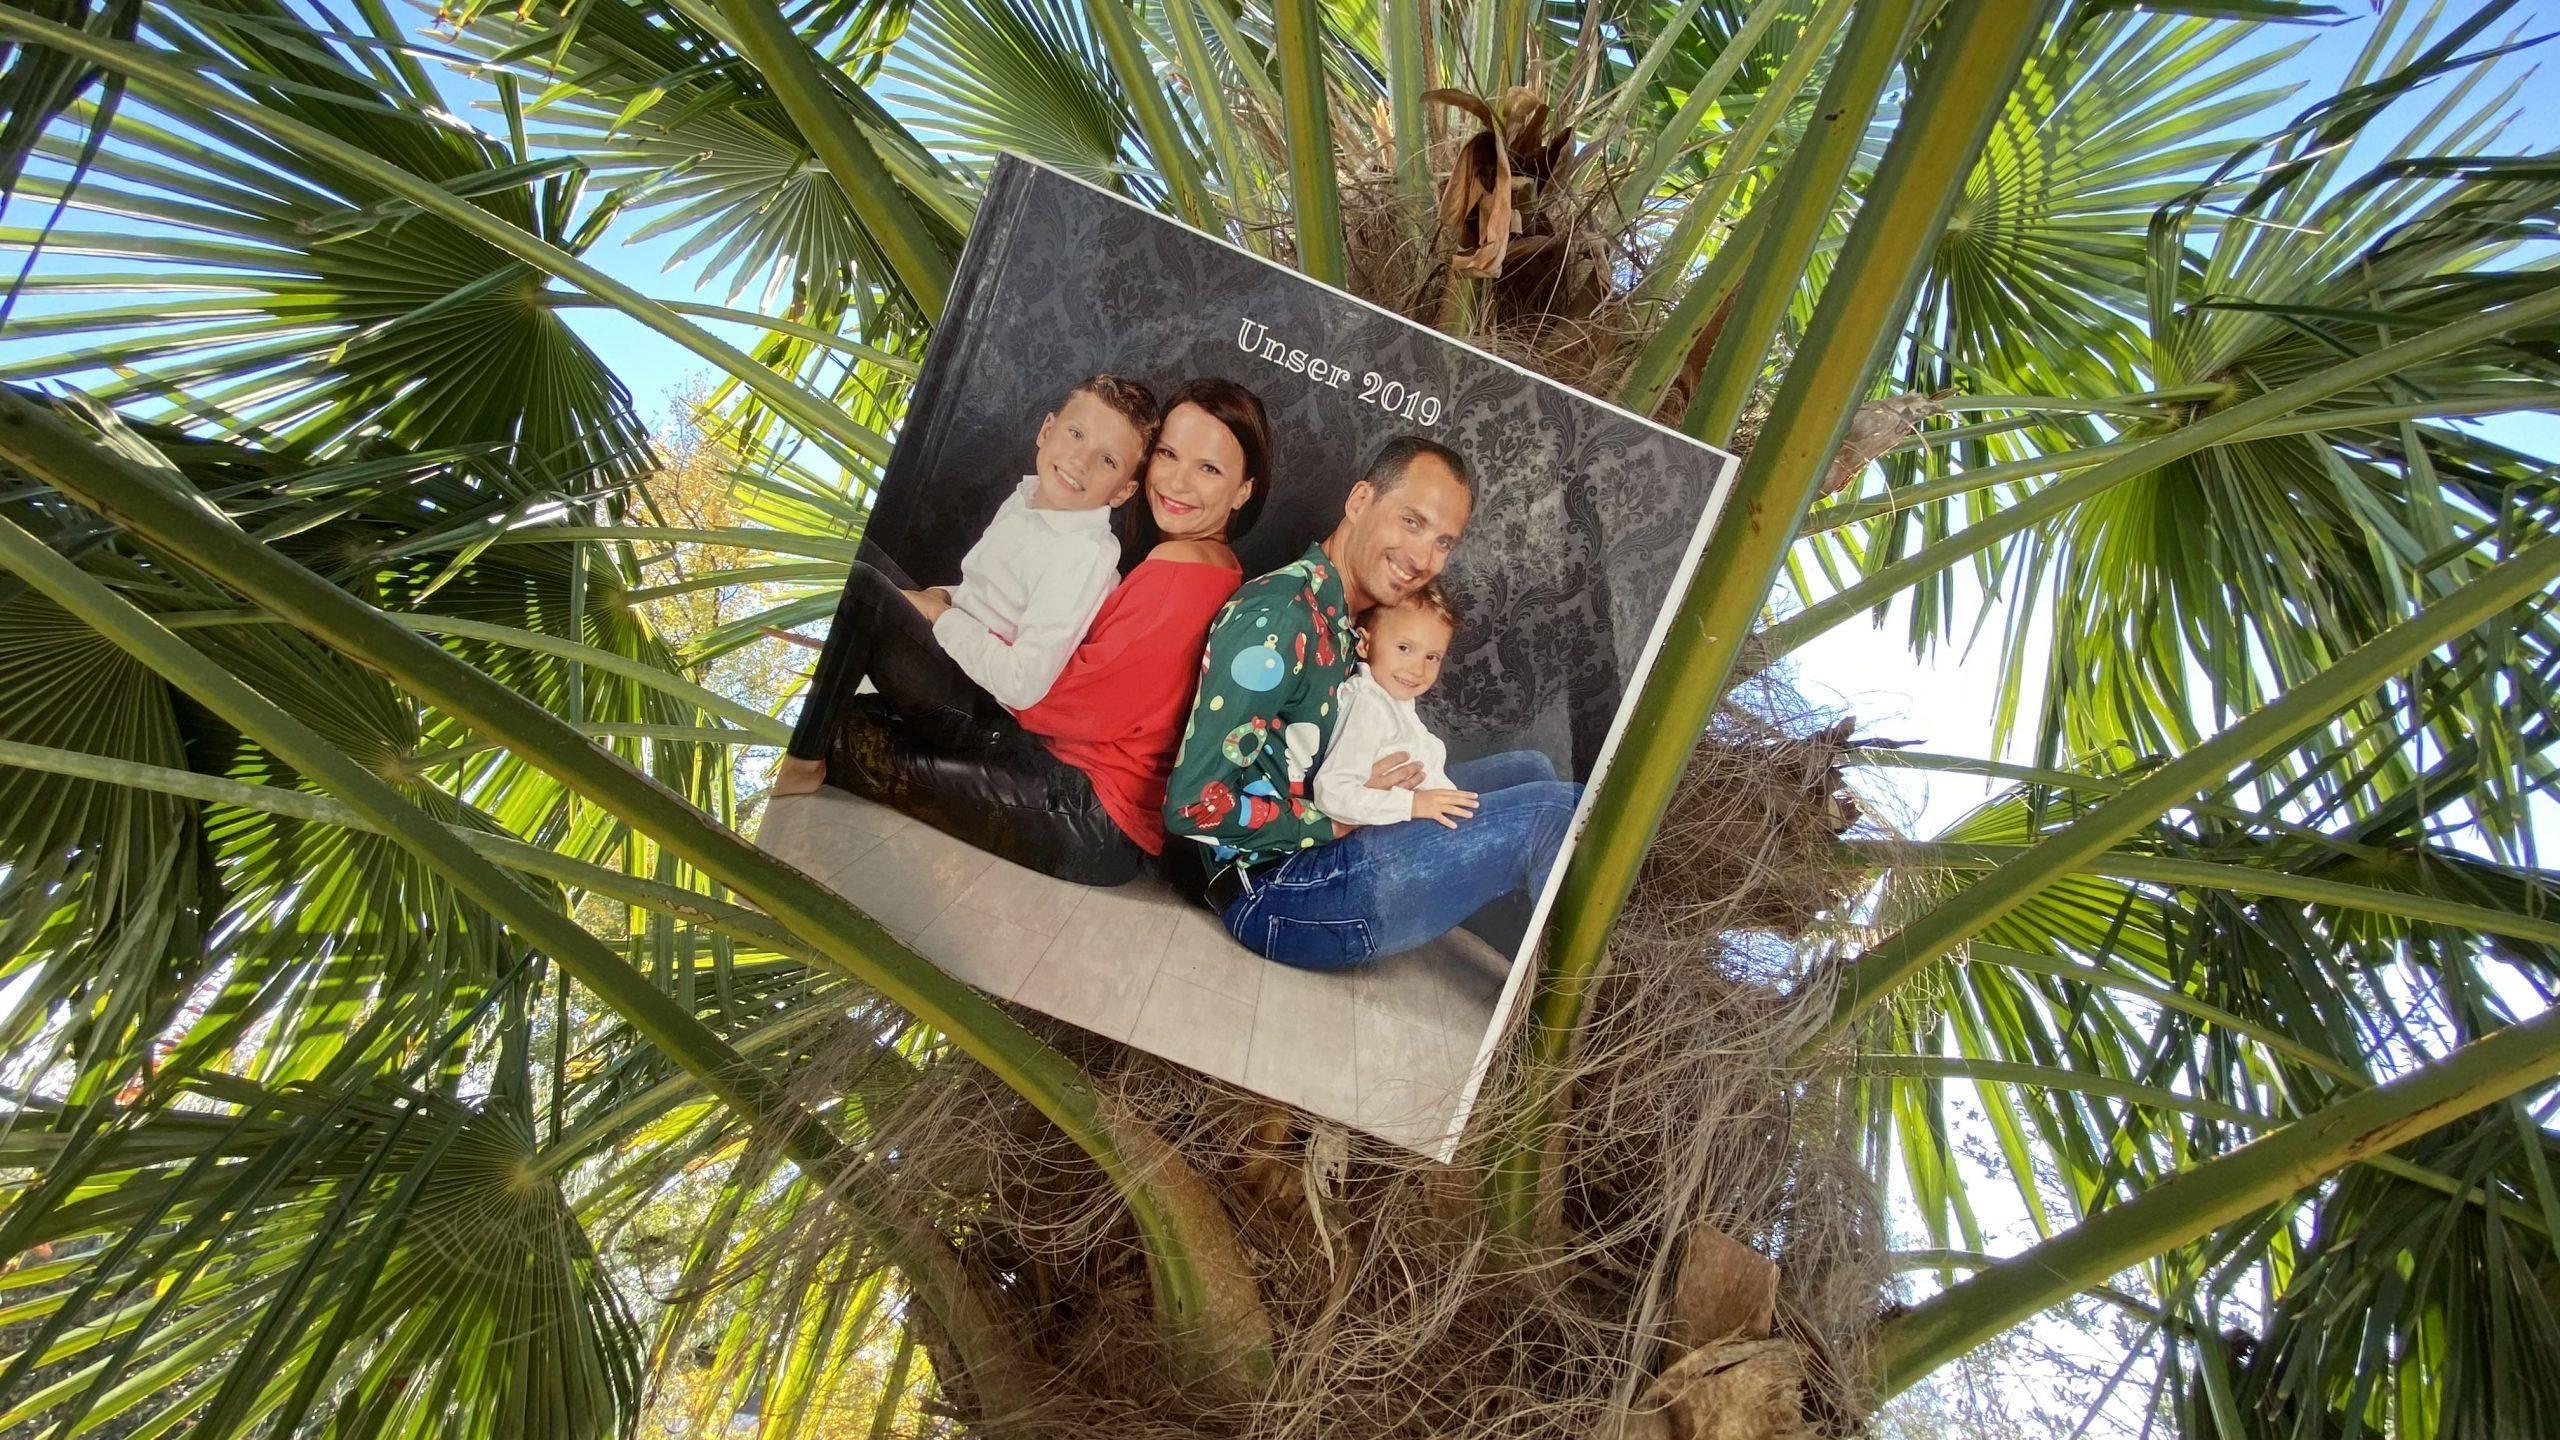 Ein Fotobuch für die Liebsten- ein selbstgemachtes, kreatives Weihnachtsgeschenk